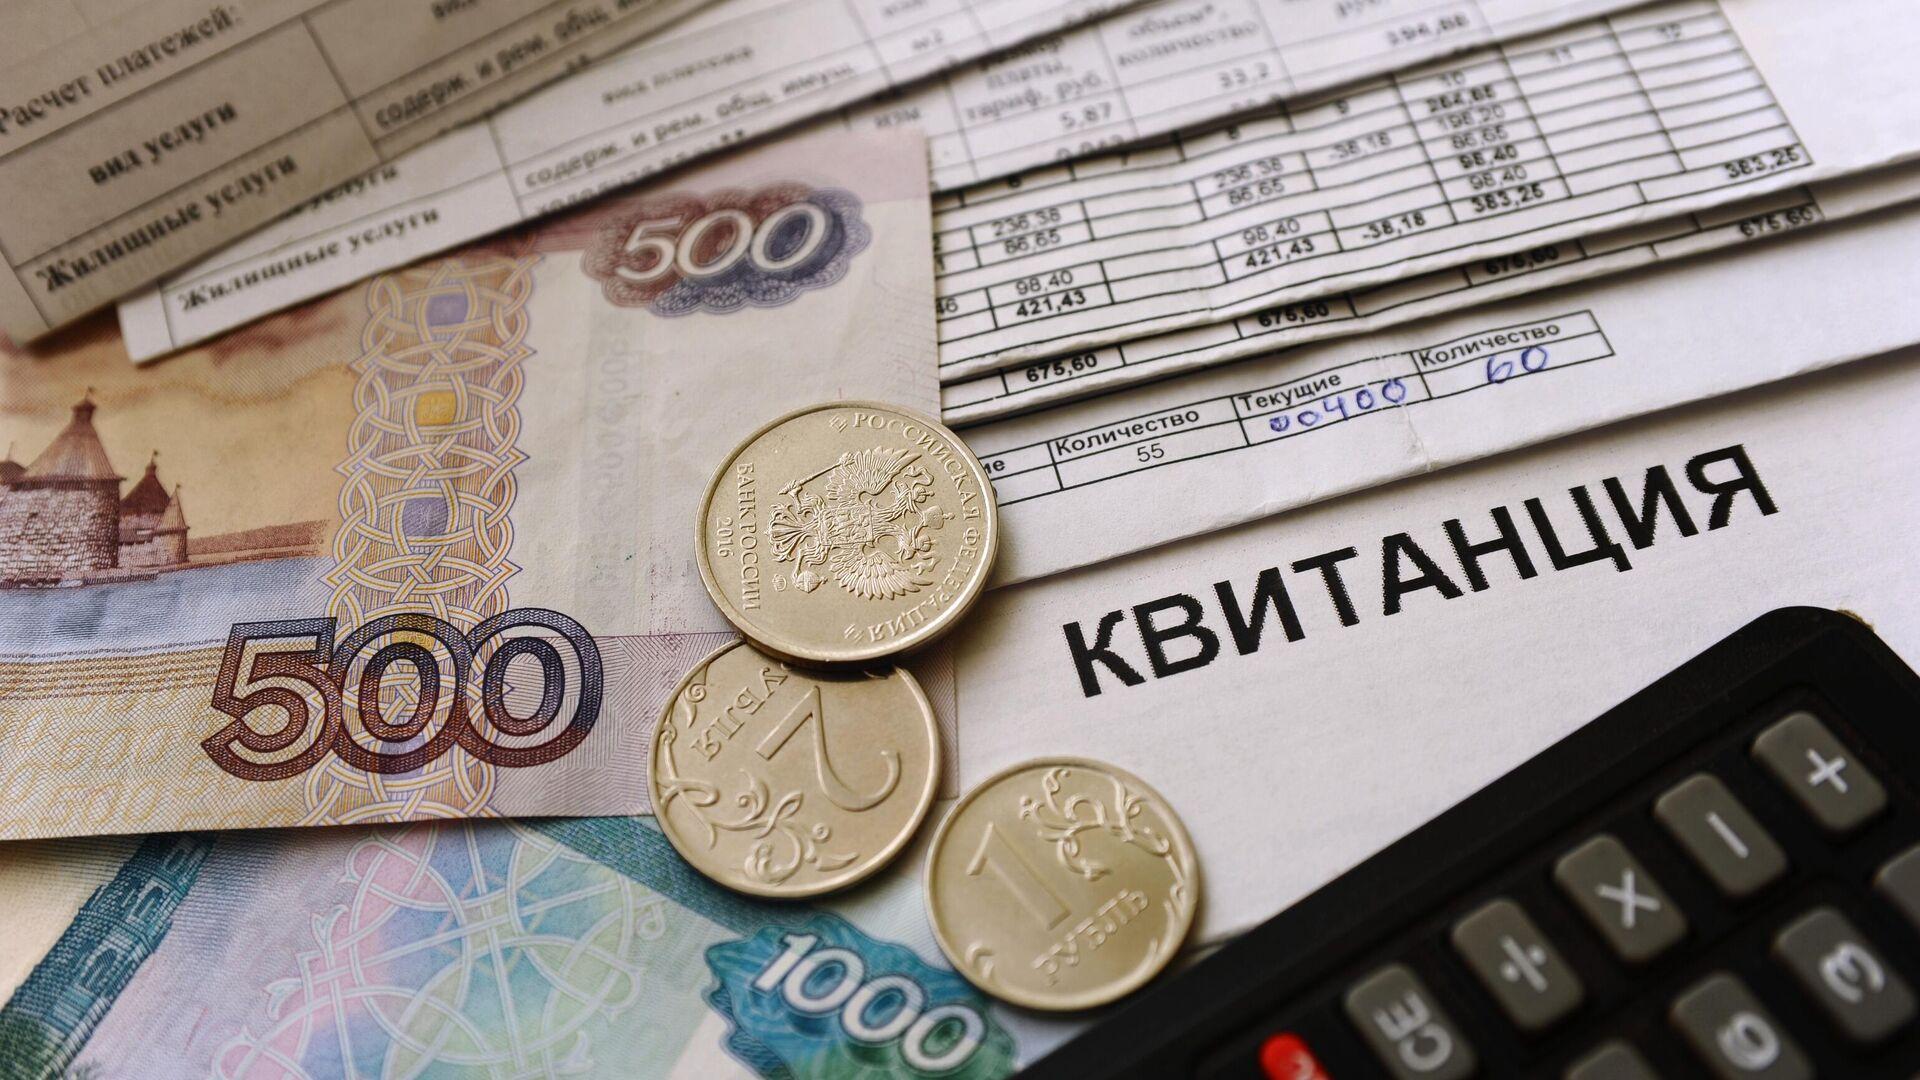 Россиян предупредили о росте цен на услуги ЖКХ в 2021 году - РИА Новости,  22.11.2020